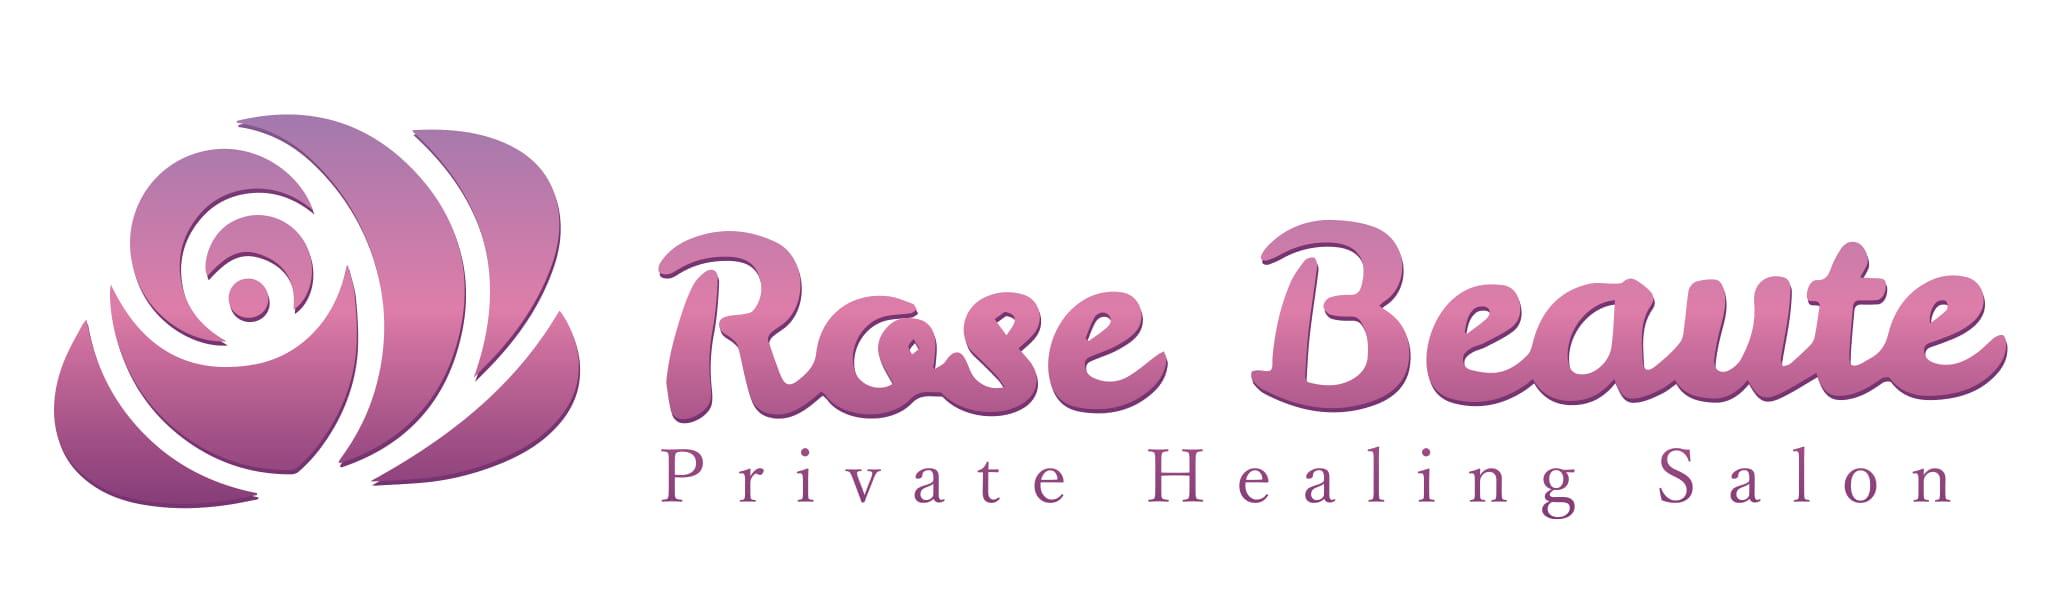 rose beaute logo 3-1